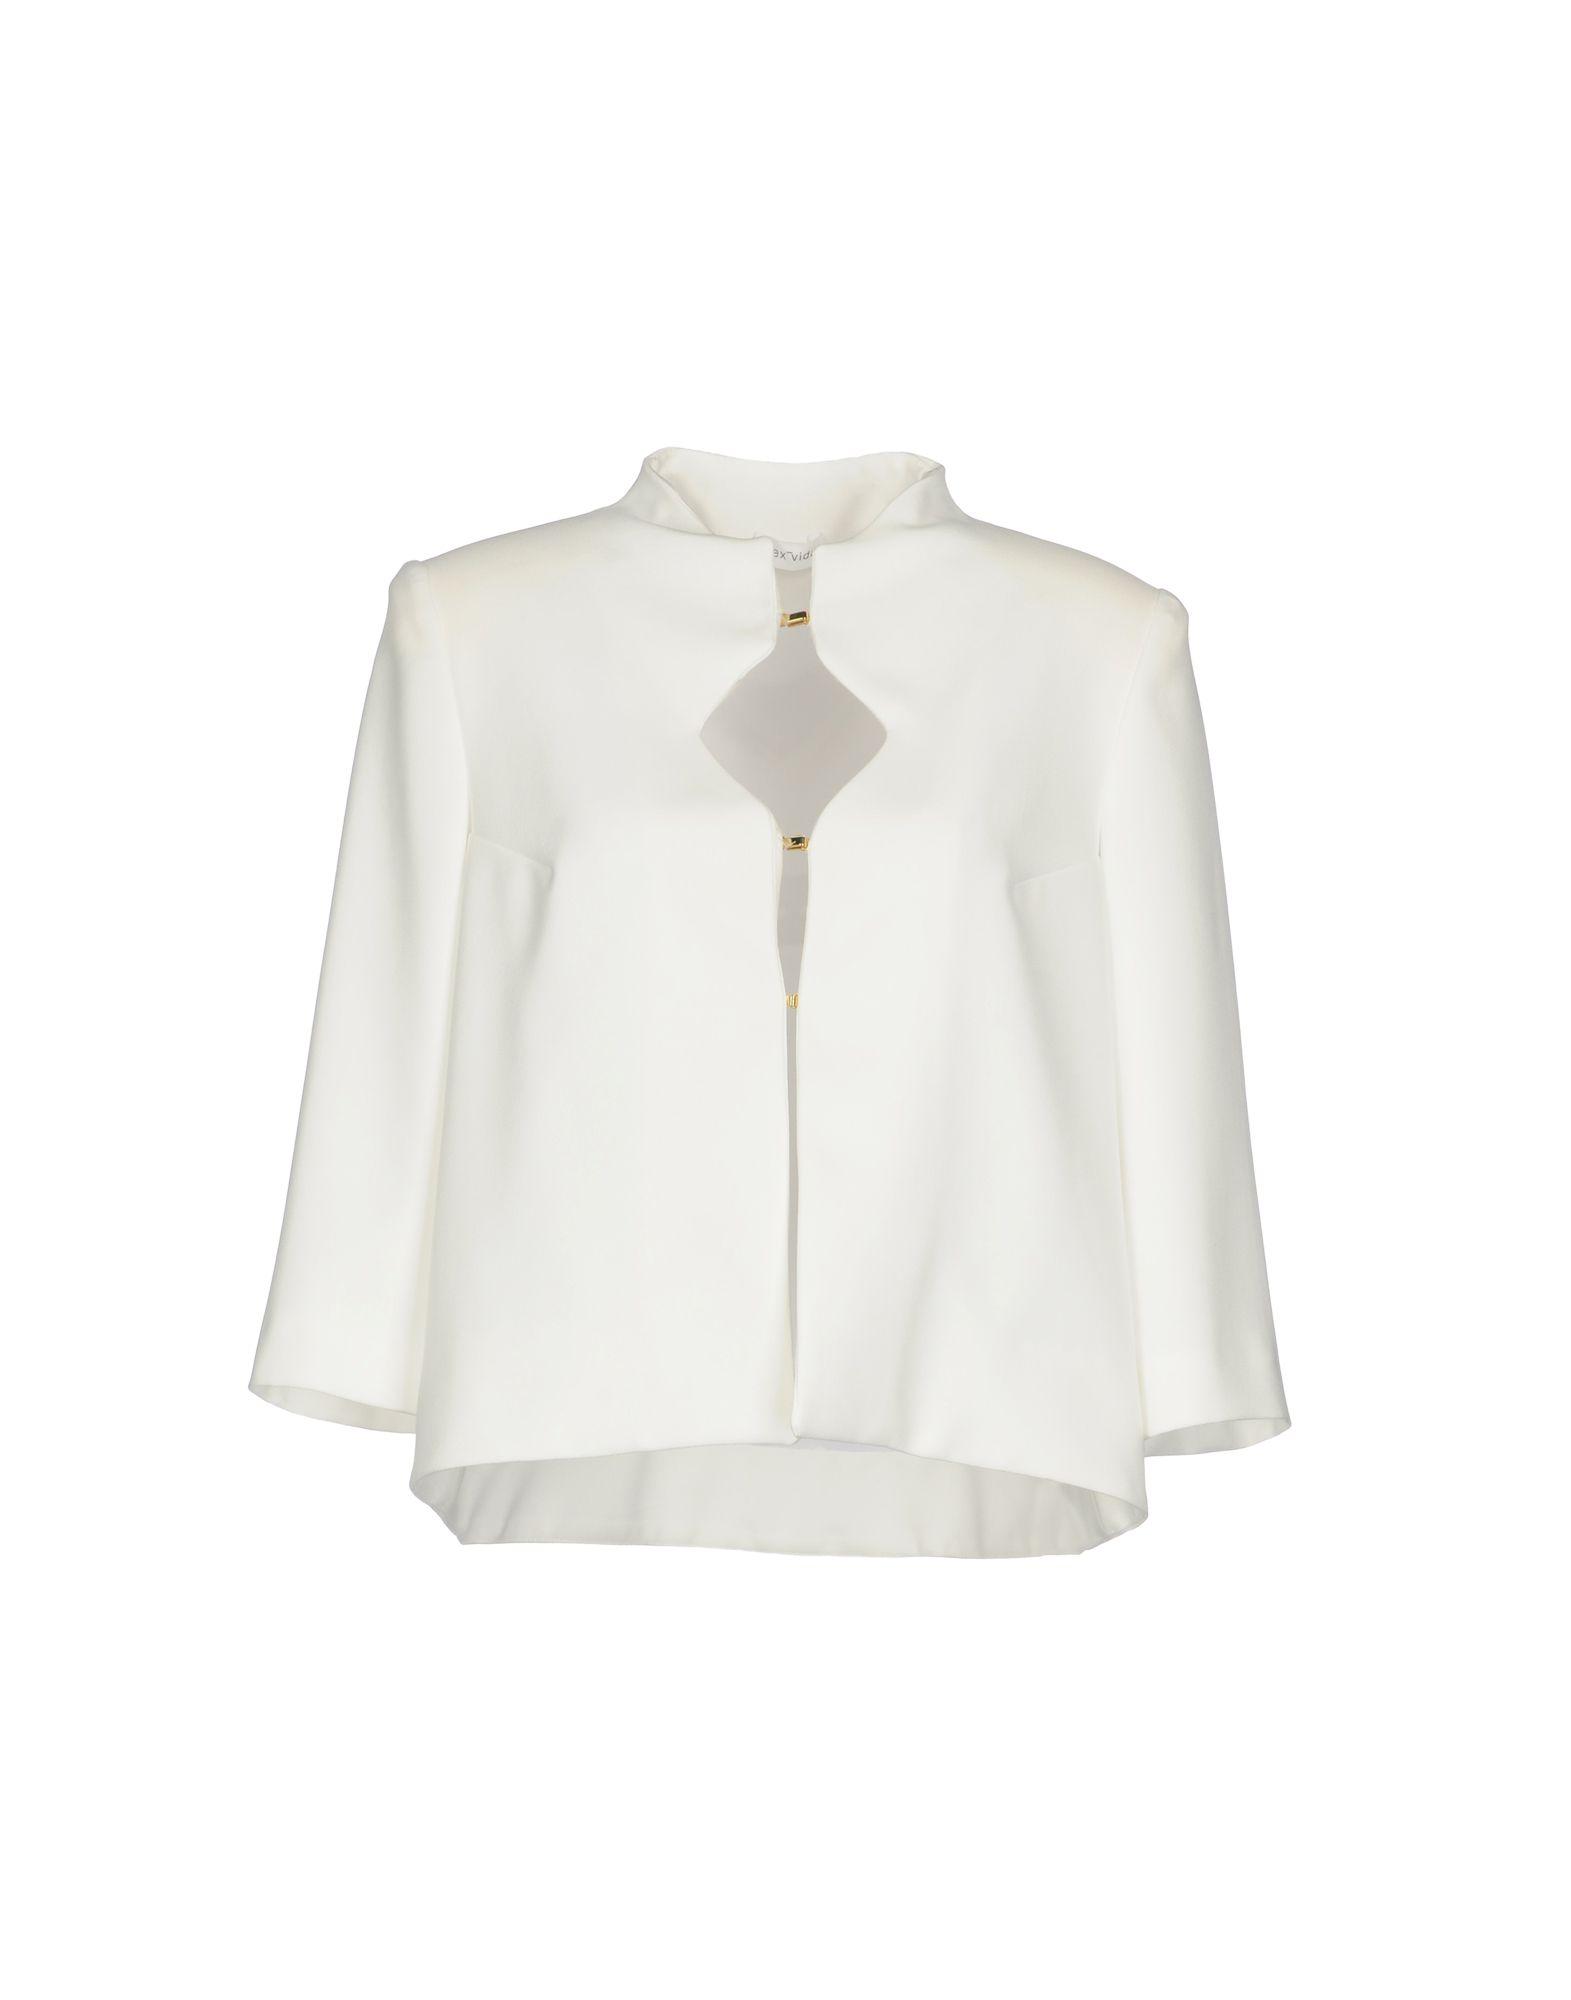 《期間限定セール中》ALEX VIDAL レディース テーラードジャケット ホワイト 36 ポリエステル 100%